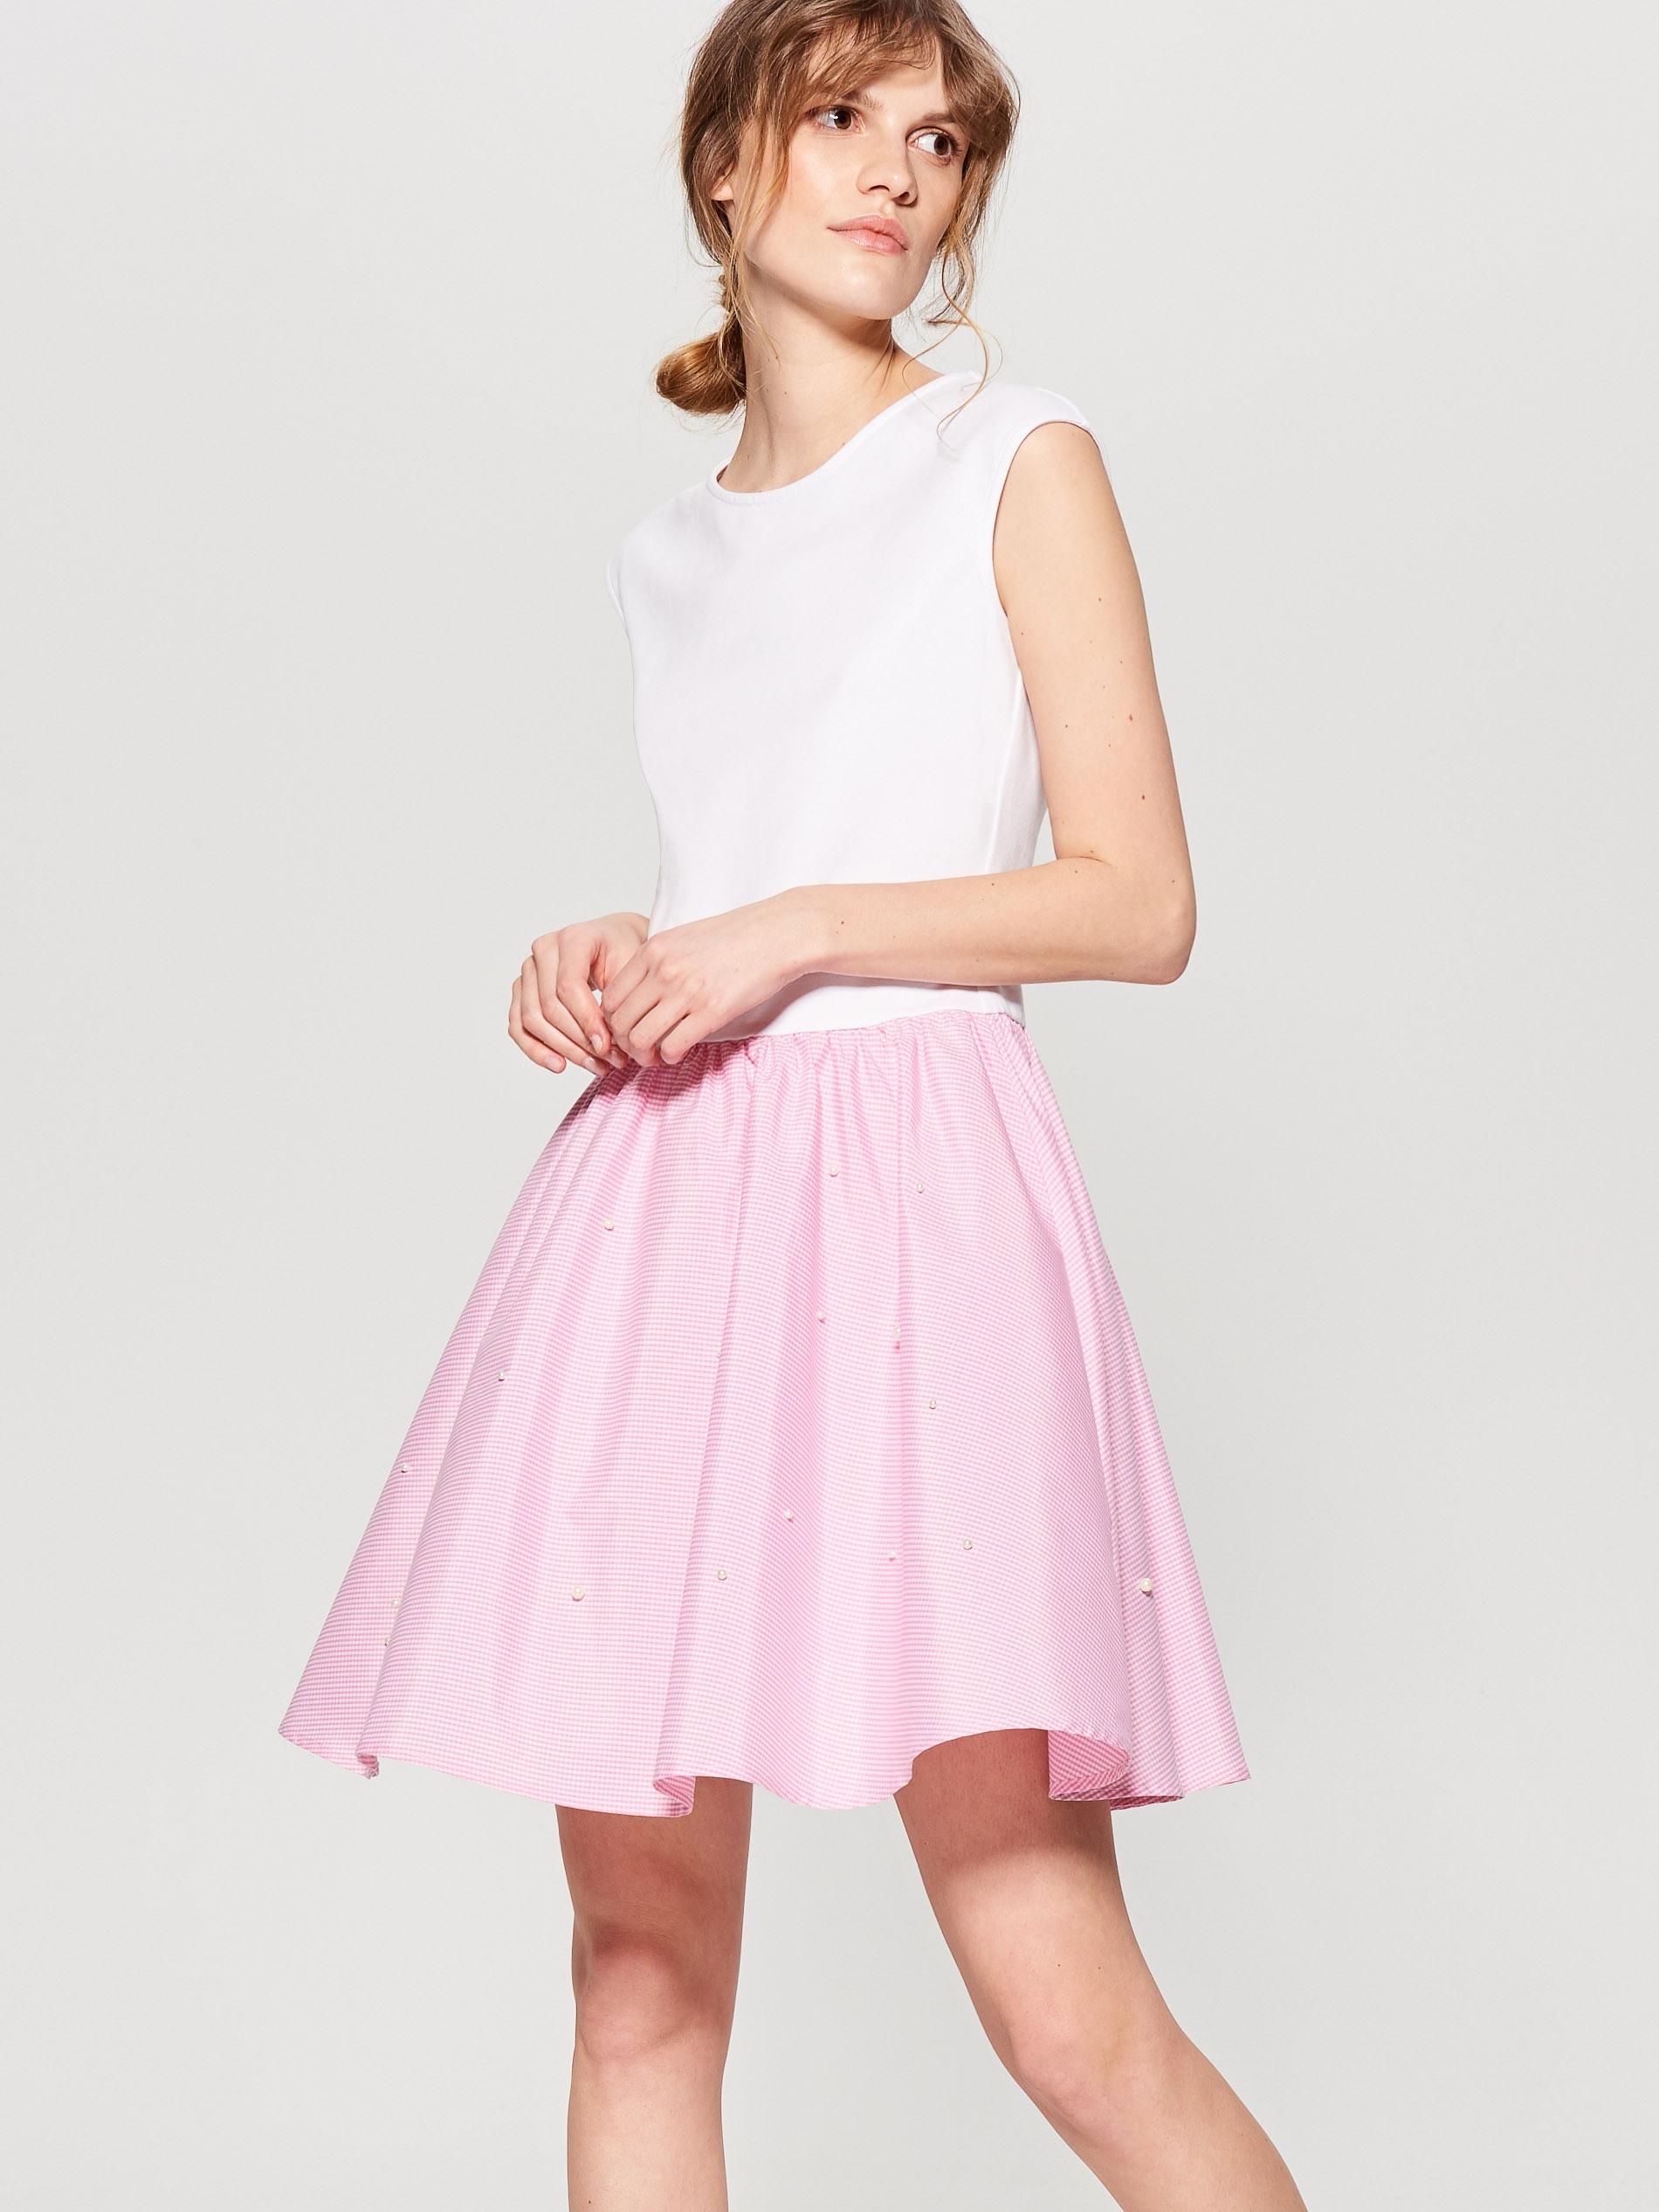 10 Schön Kleid Mit Glockenrock Spezialgebiet13 Leicht Kleid Mit Glockenrock Ärmel